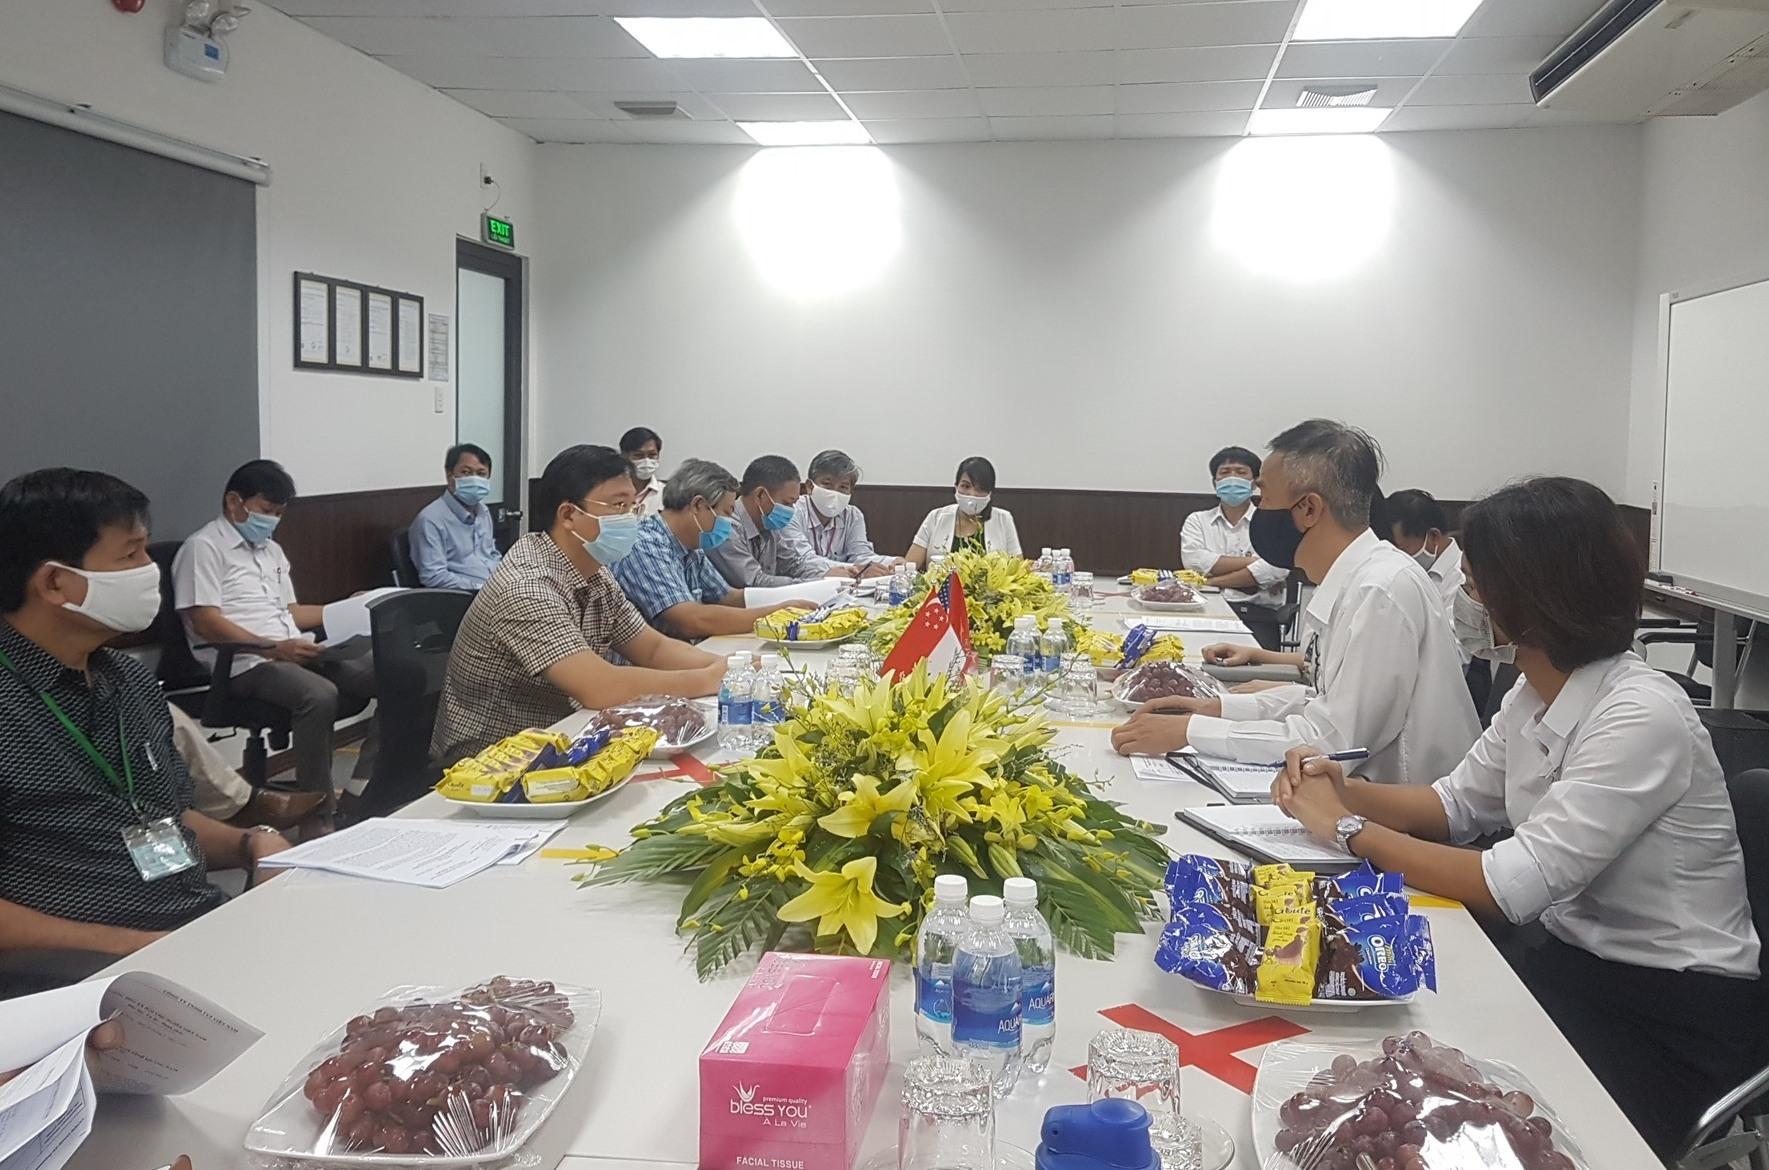 Đoàn công tác của UBND tỉnh làm việc với Công ty CCI Việt Nam. Ảnh: D.L